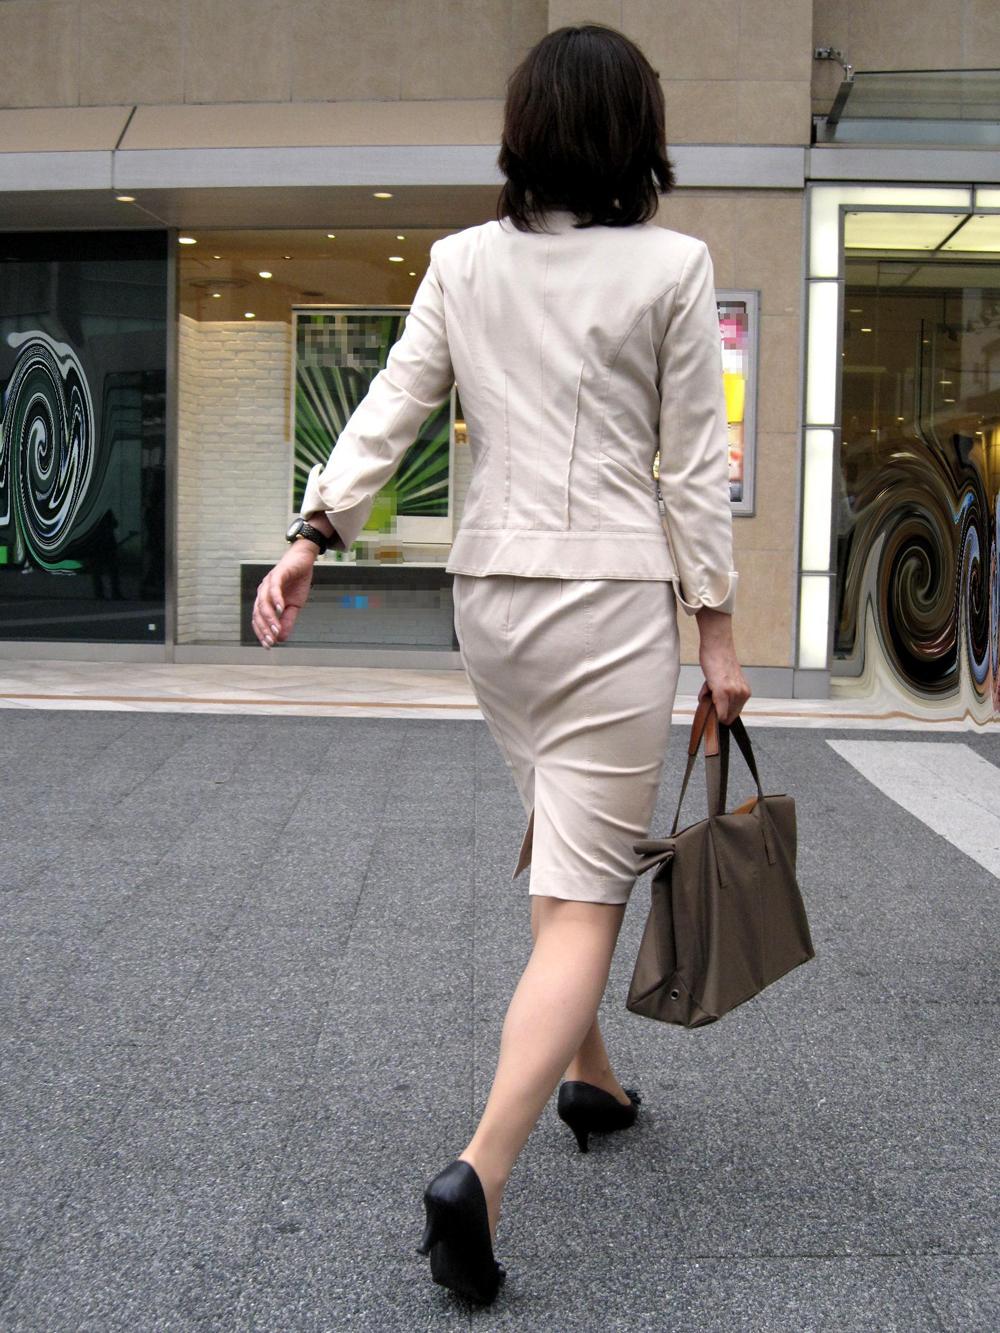 【街撮りOLエロ画像】着衣尻と美脚を只管追っかけ!肉付きたまらん働く女性の下半身www 11